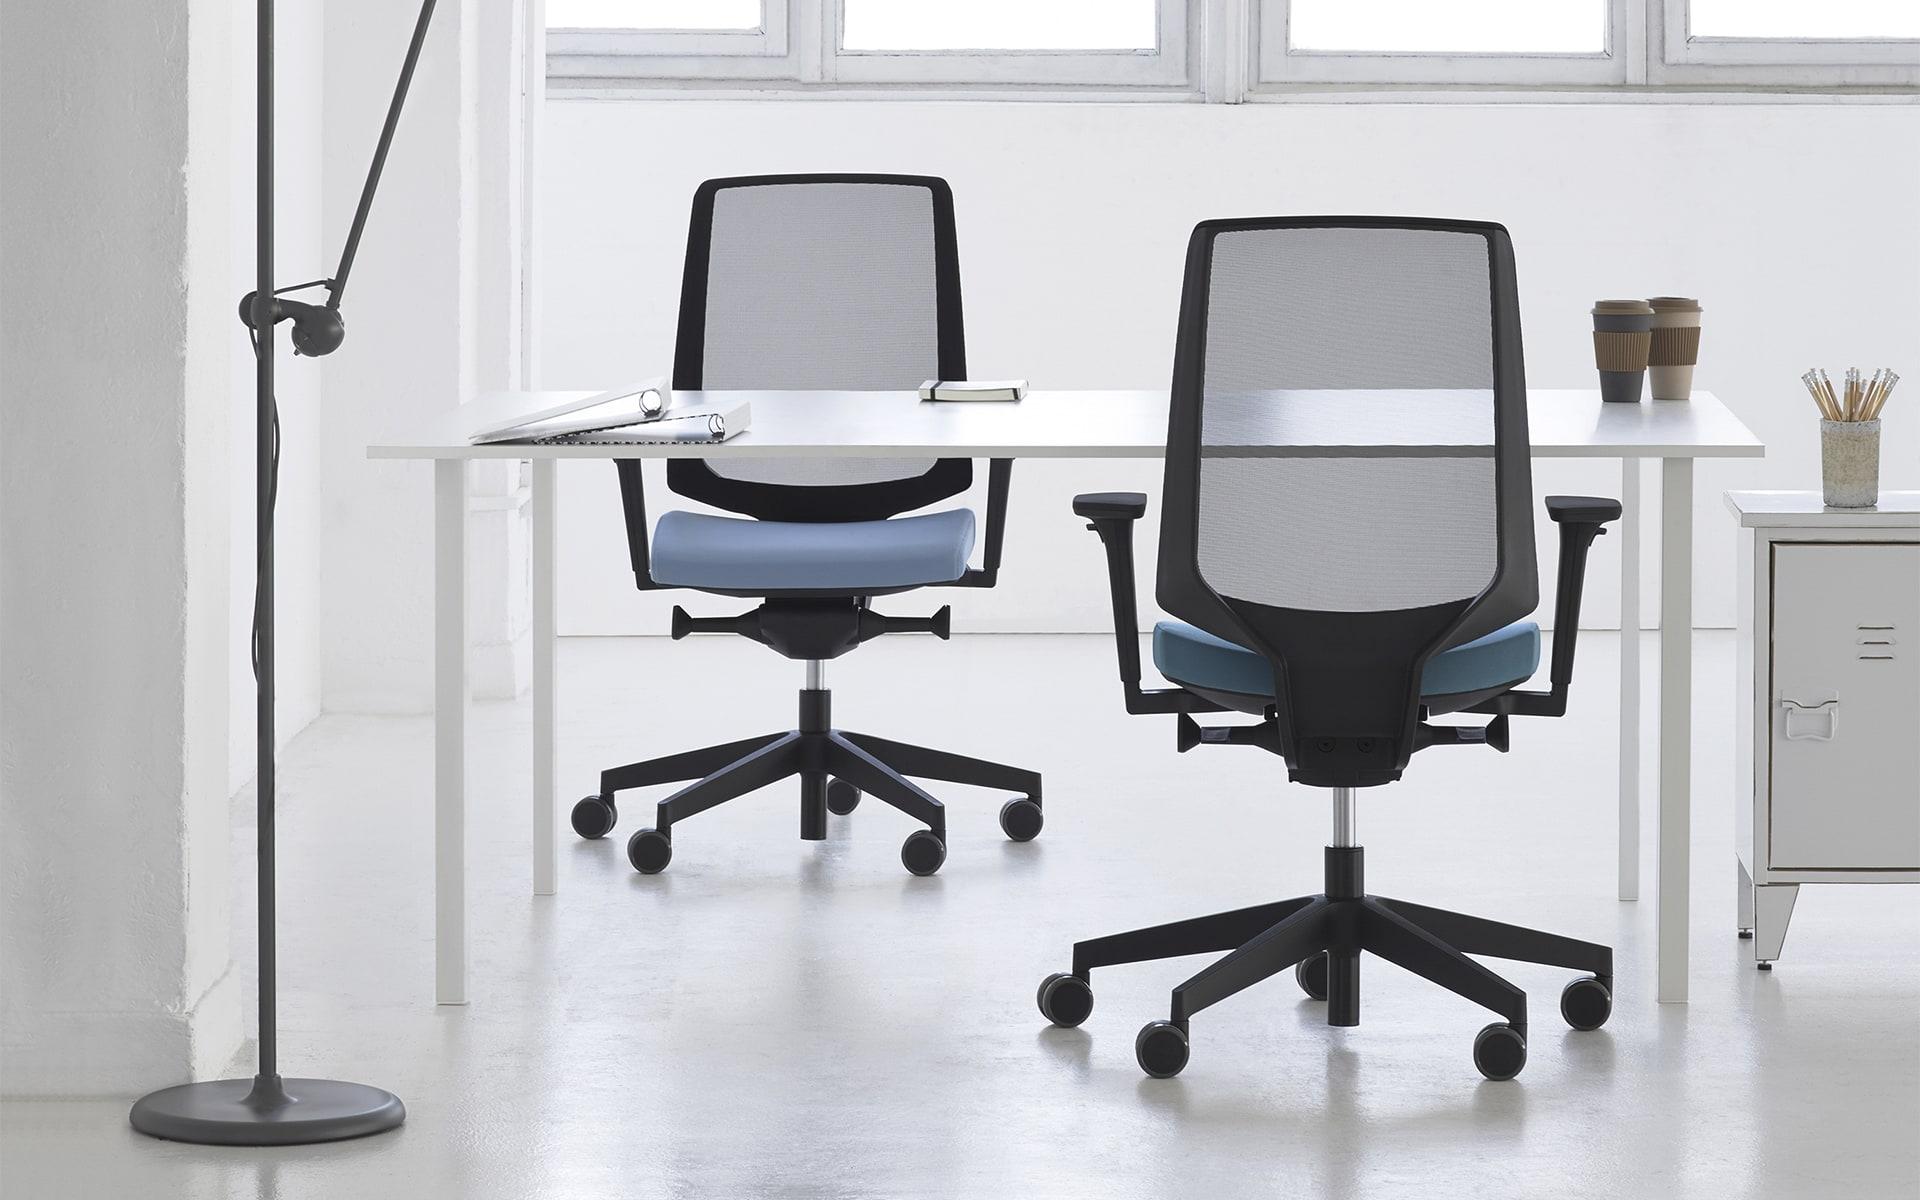 Profim LightUp Bürostühle von ITO Design mit blauen Polstern in stylischem Loftbüro